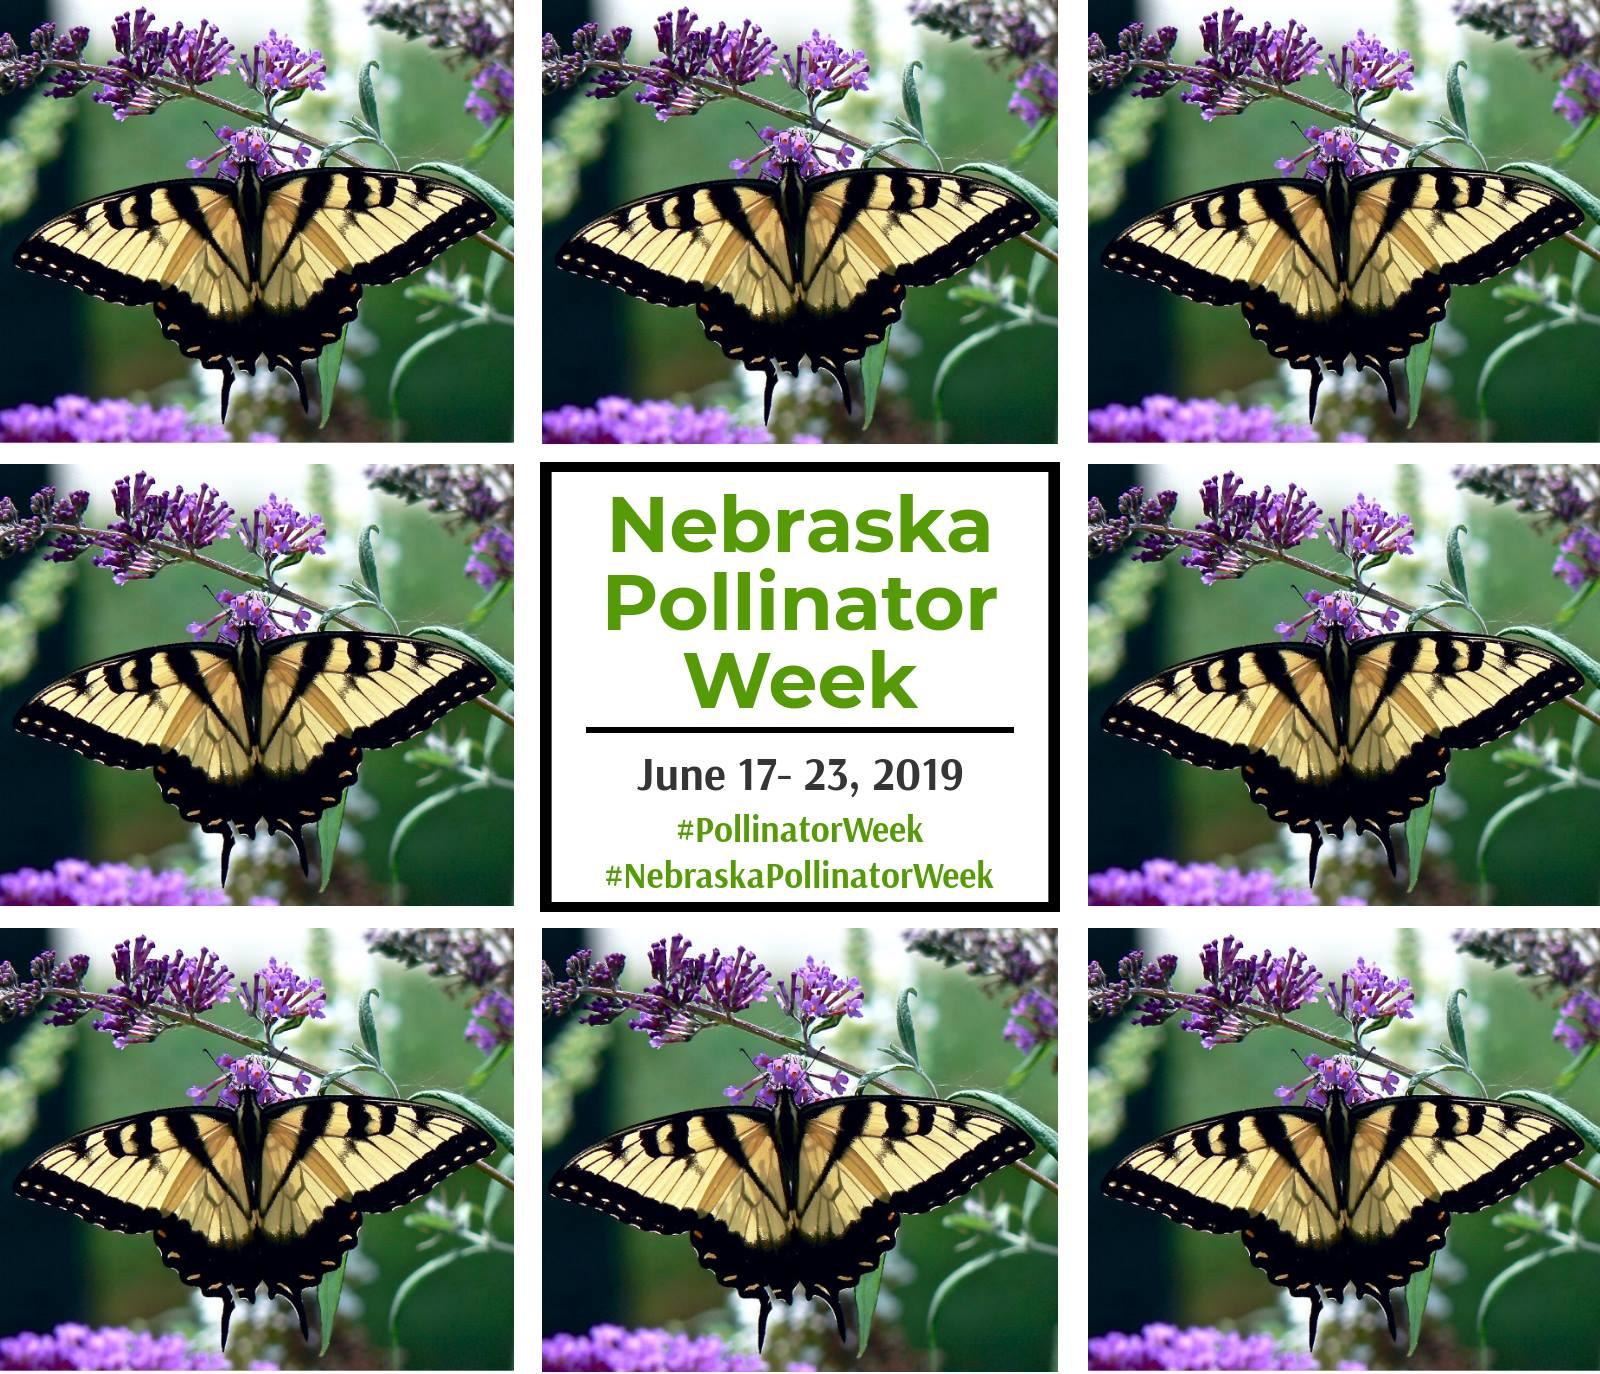 CE: Nebraska Pollinator Week 2019